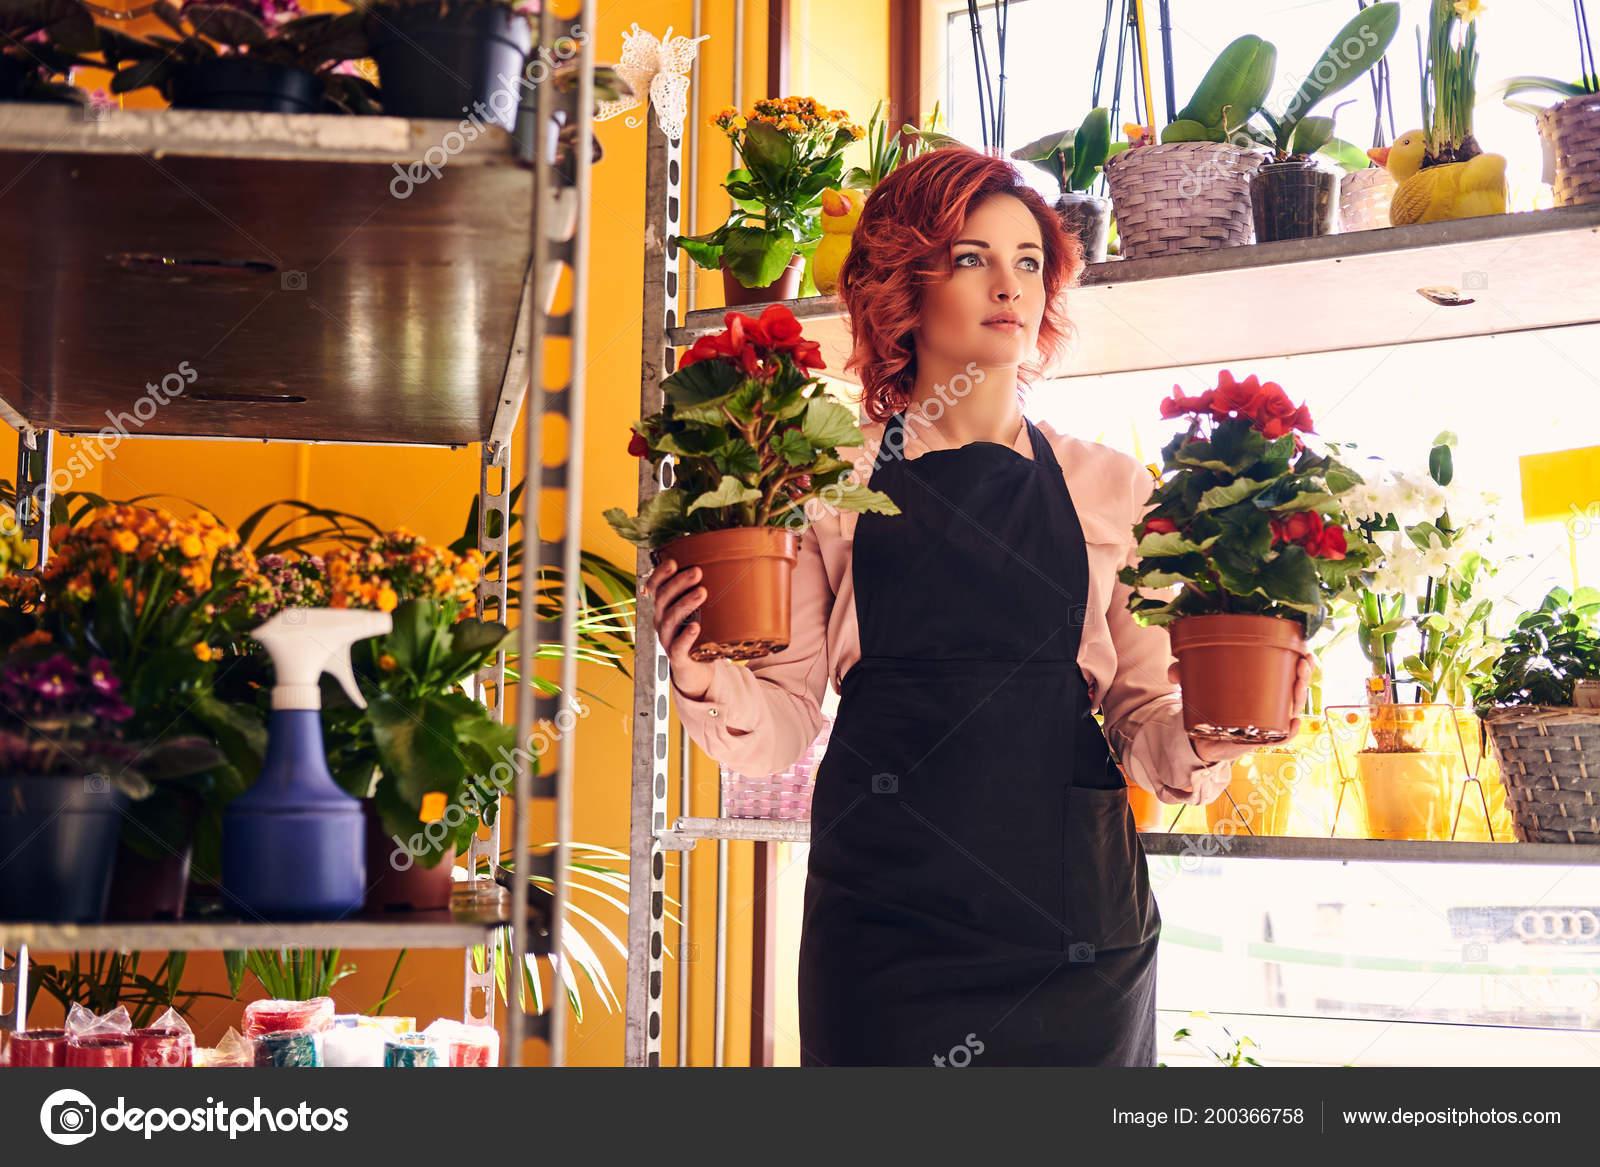 Секс в магазине цветов, Красивый секс продавца с клиенткой в магазине 20 фотография